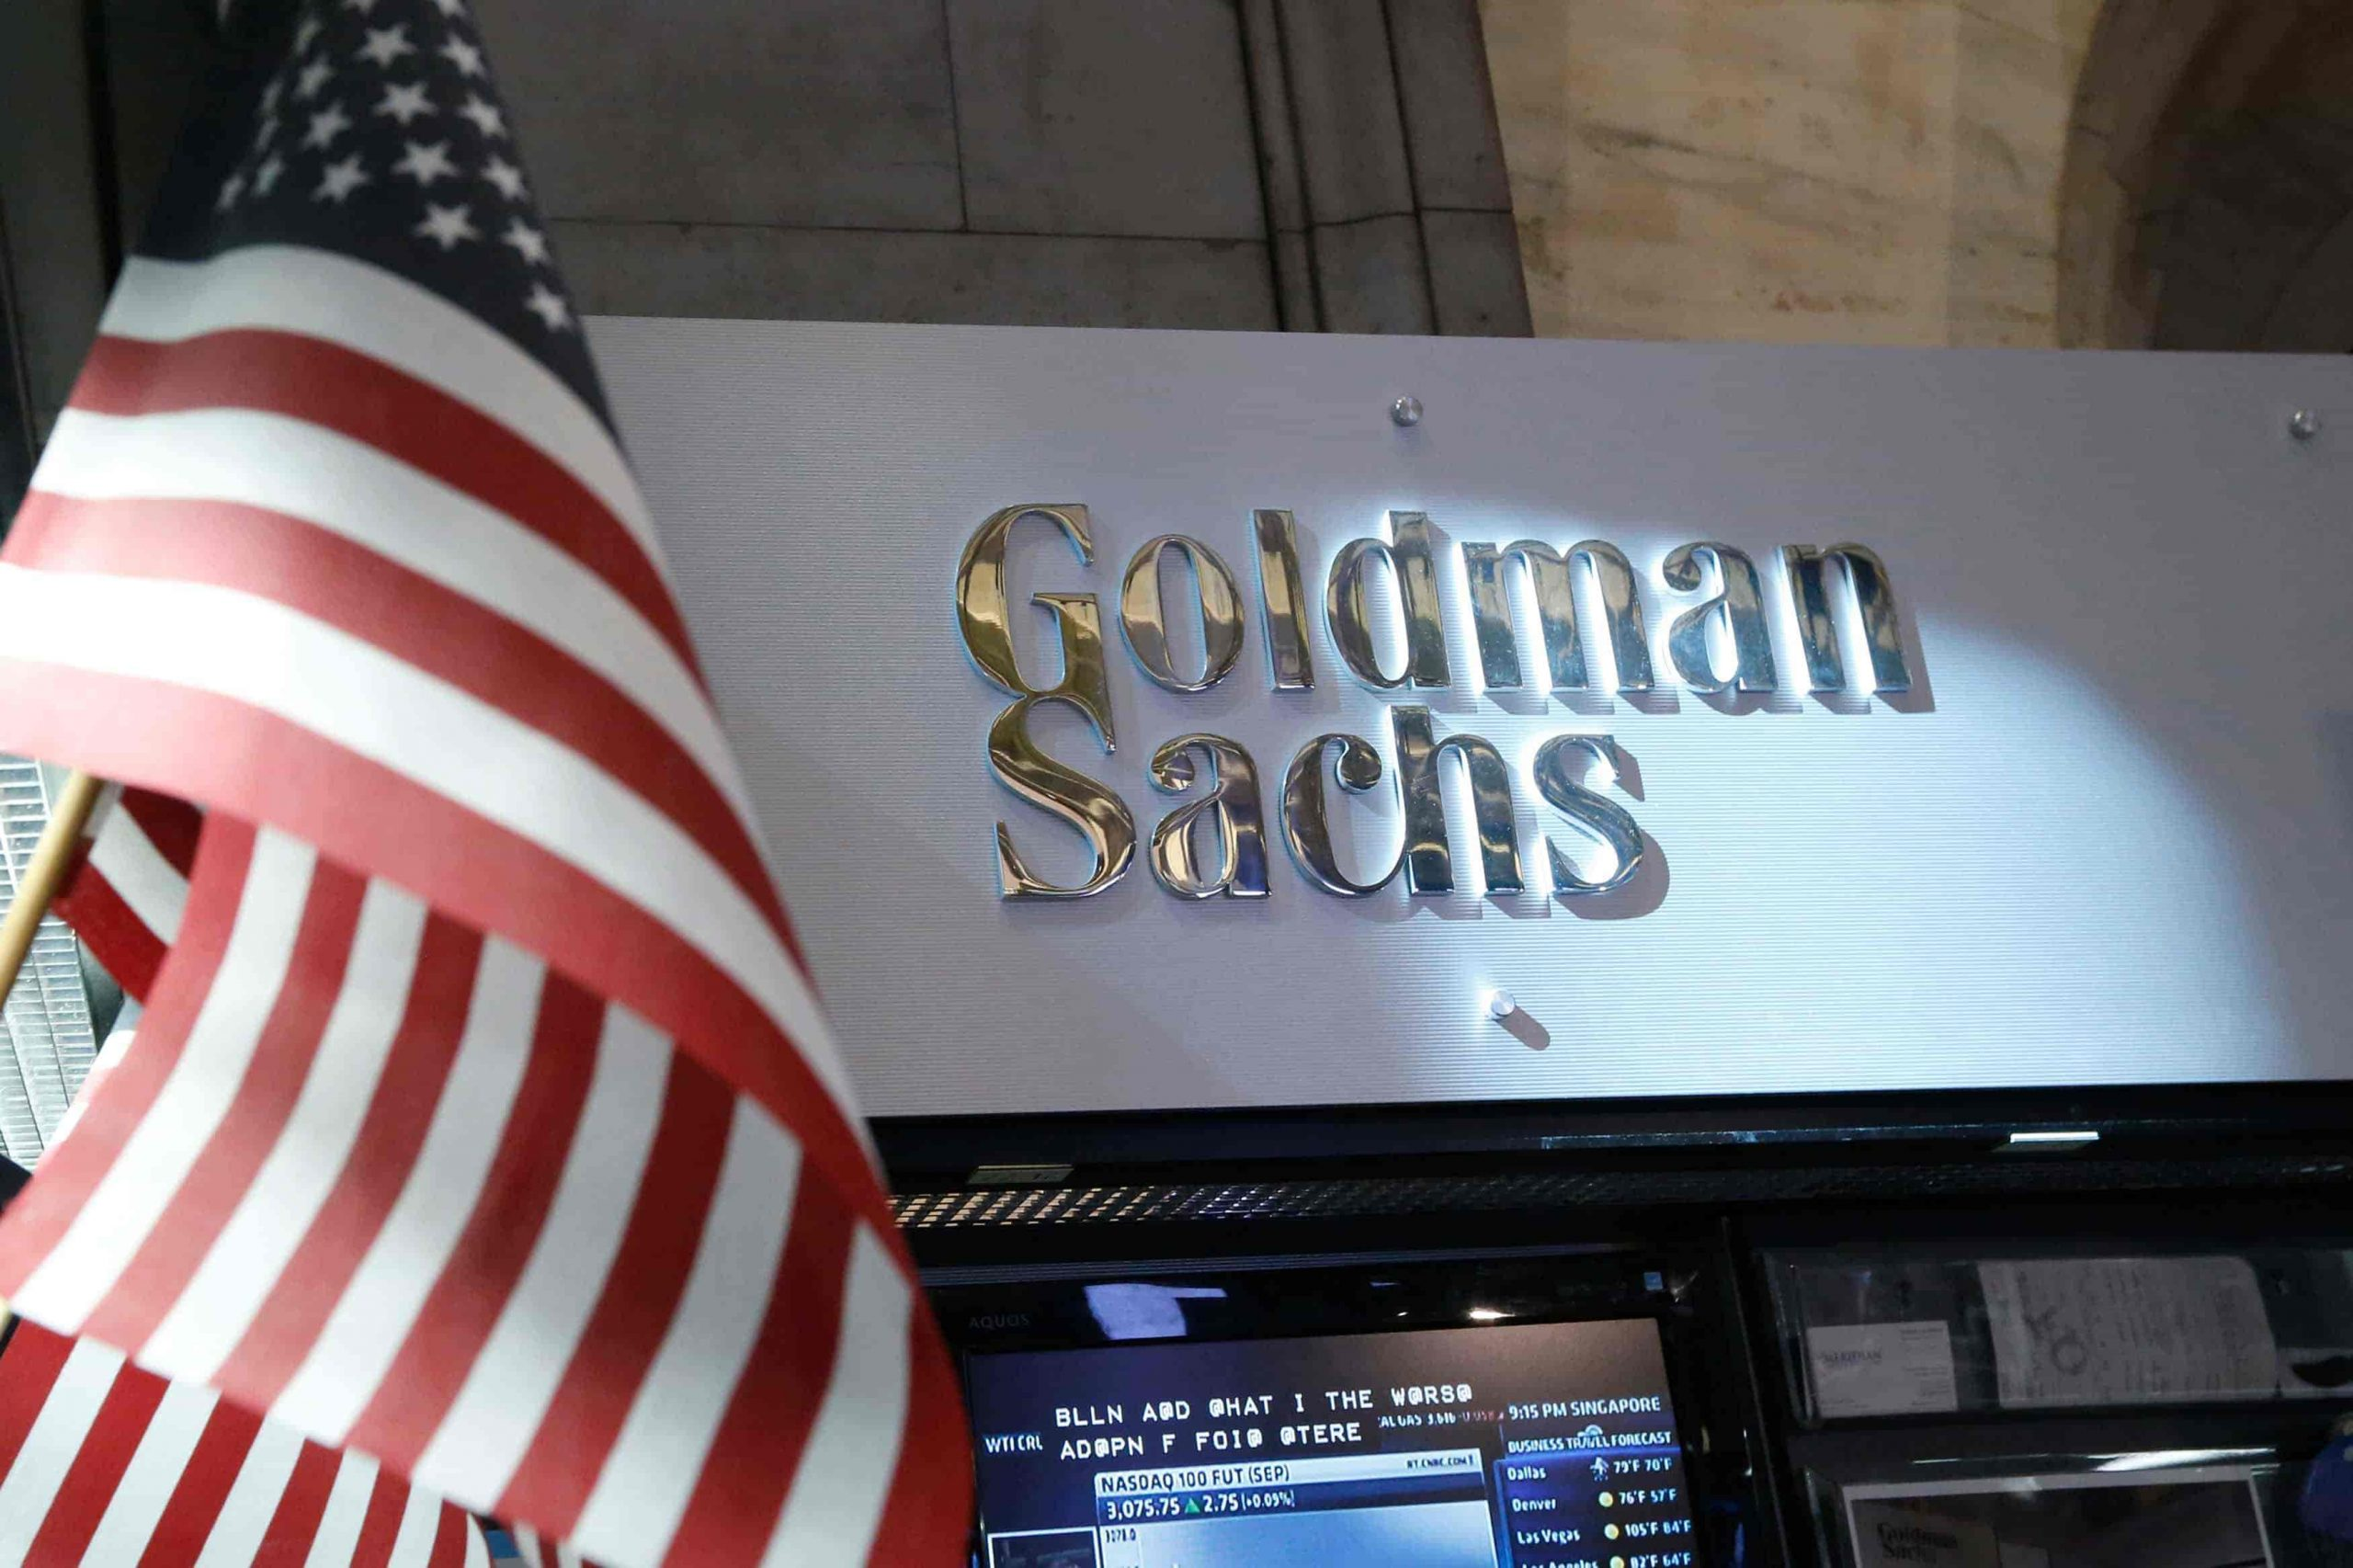 20210401-goldman-sachs-sap-tham-gia-cuoc-choi-bitcoin-1